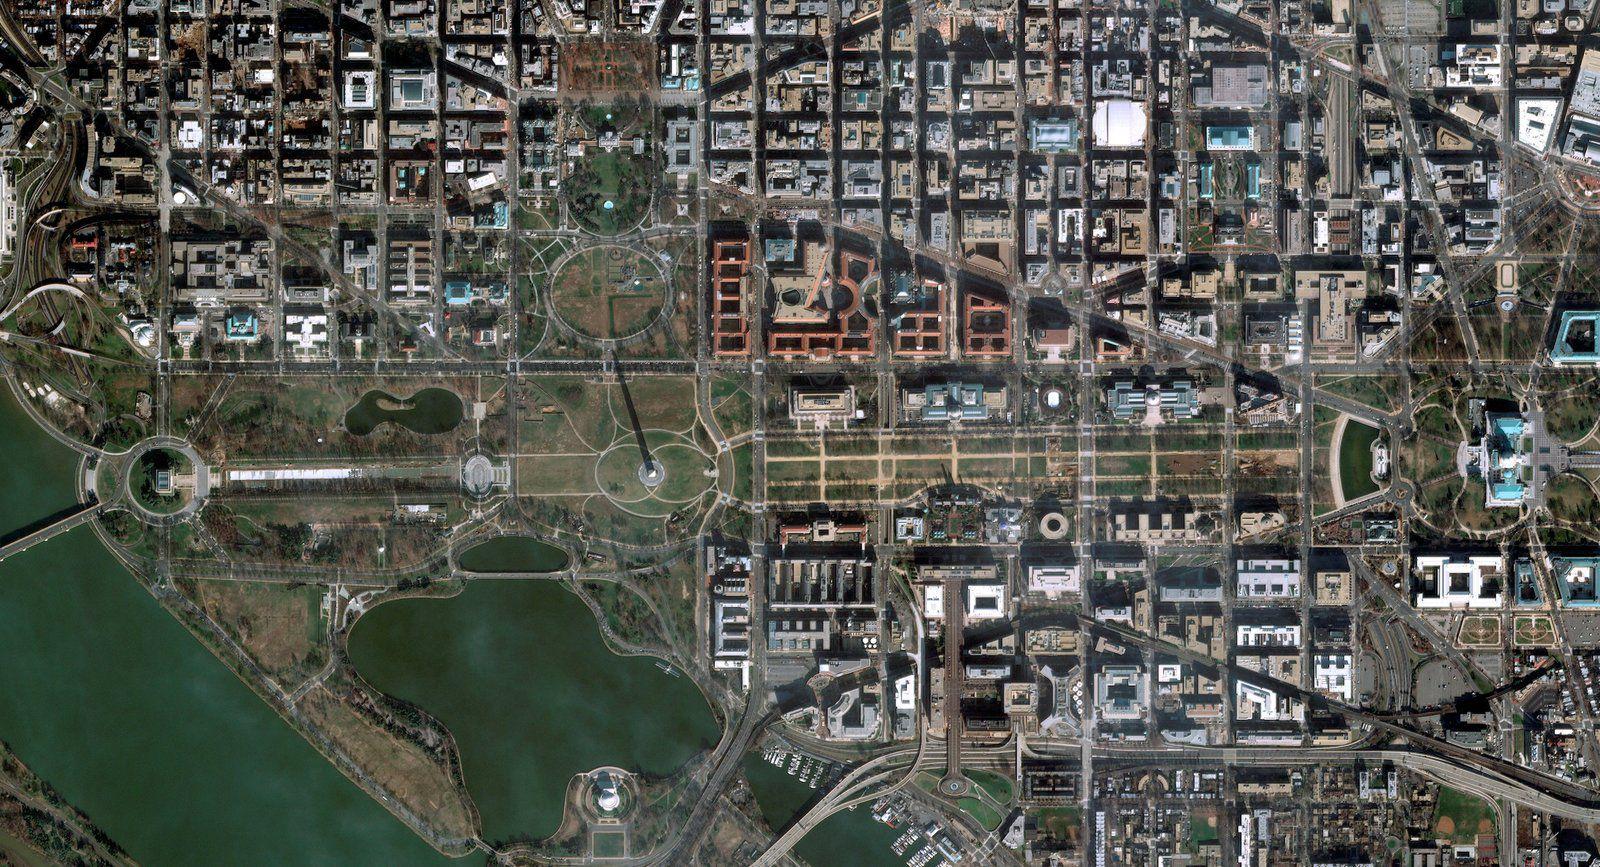 Quiz image - Juin 2020 - Solstice d'été - Rentrée scolaire - satellite Pléiades - Washington DC - Washington monument - Cadran solaire - Ombre portée - Le jour le plus long - Maison blanche - The Mall - Capitol Hill - White House - Trump - Triangle fédéral - National Air and Space Museum